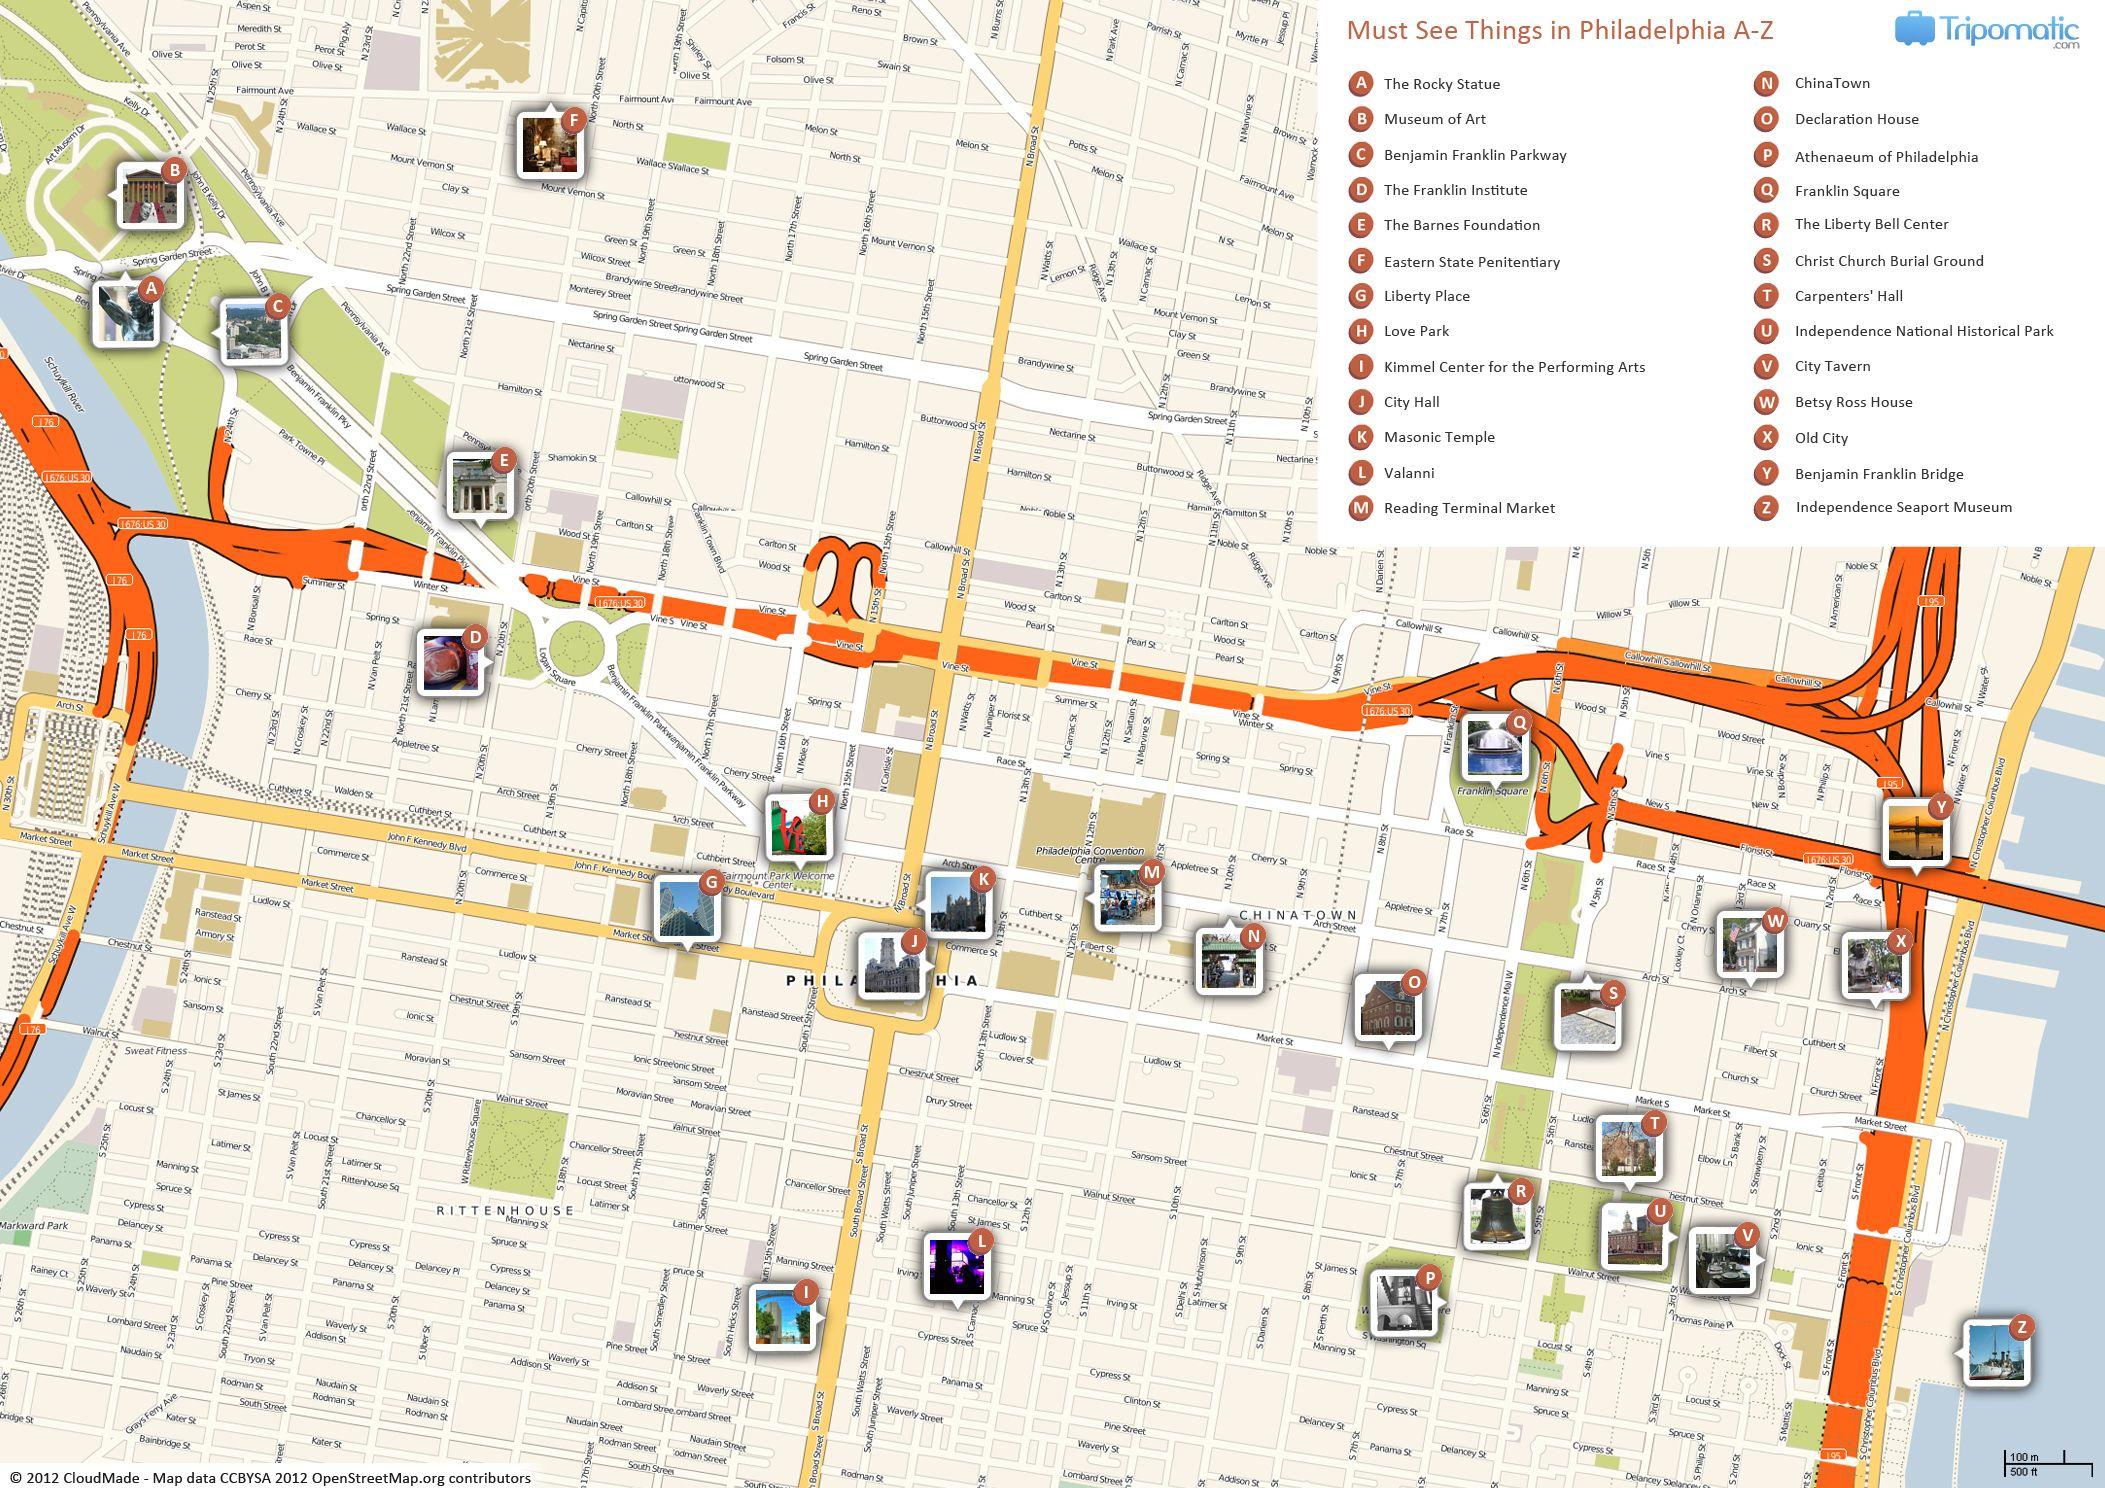 Philadelphia Printable Tourist Map | Free Tourist Maps - Printable Map Of Philadelphia